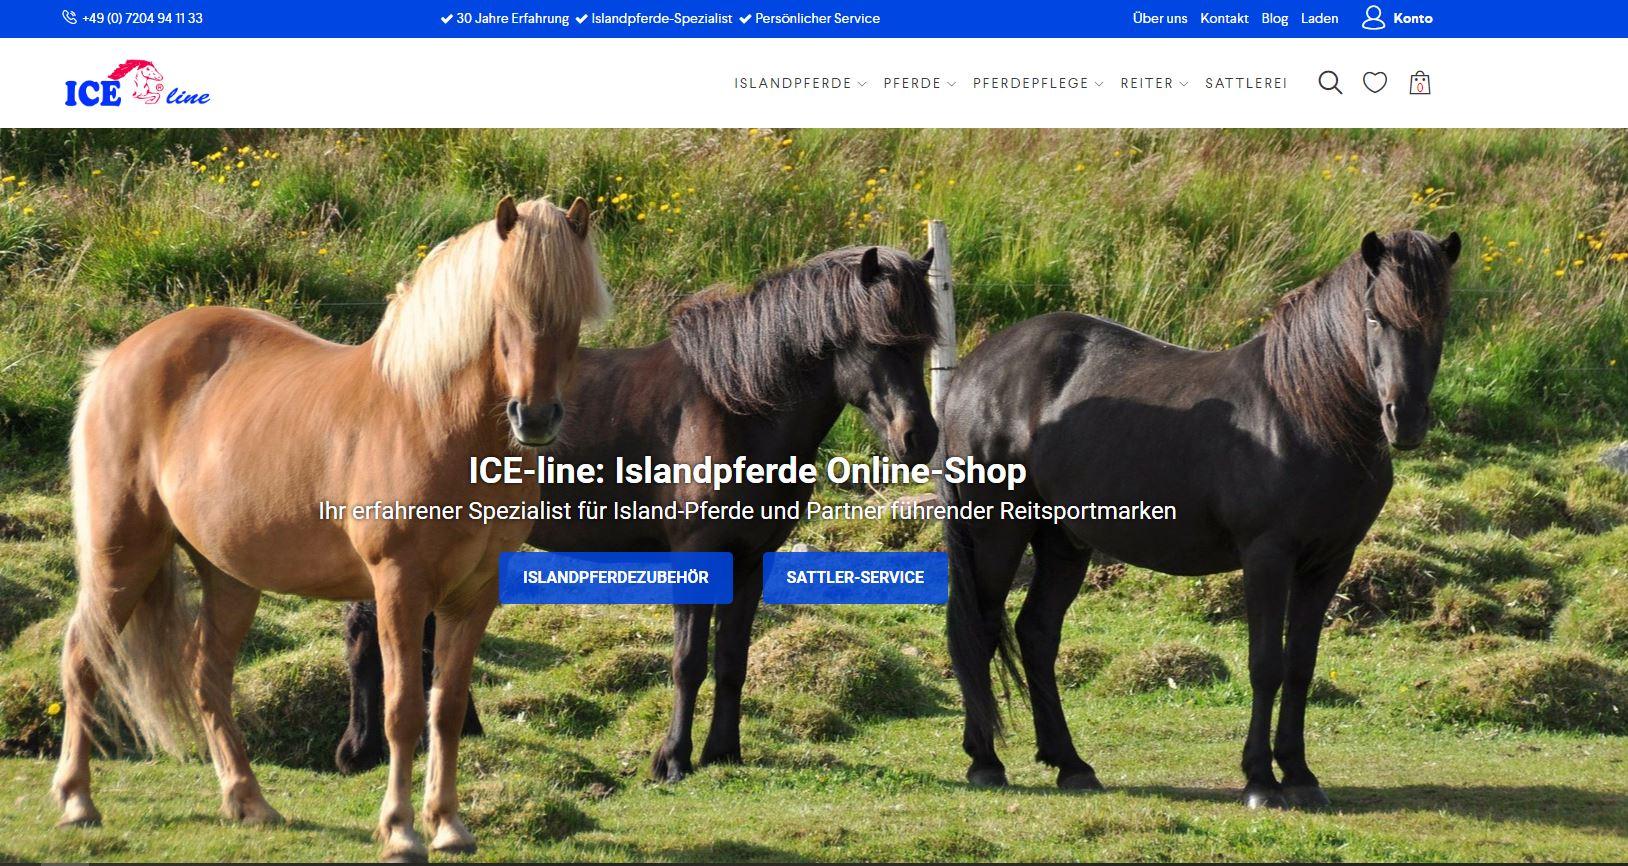 Neuer ICE-line Online Shop 5